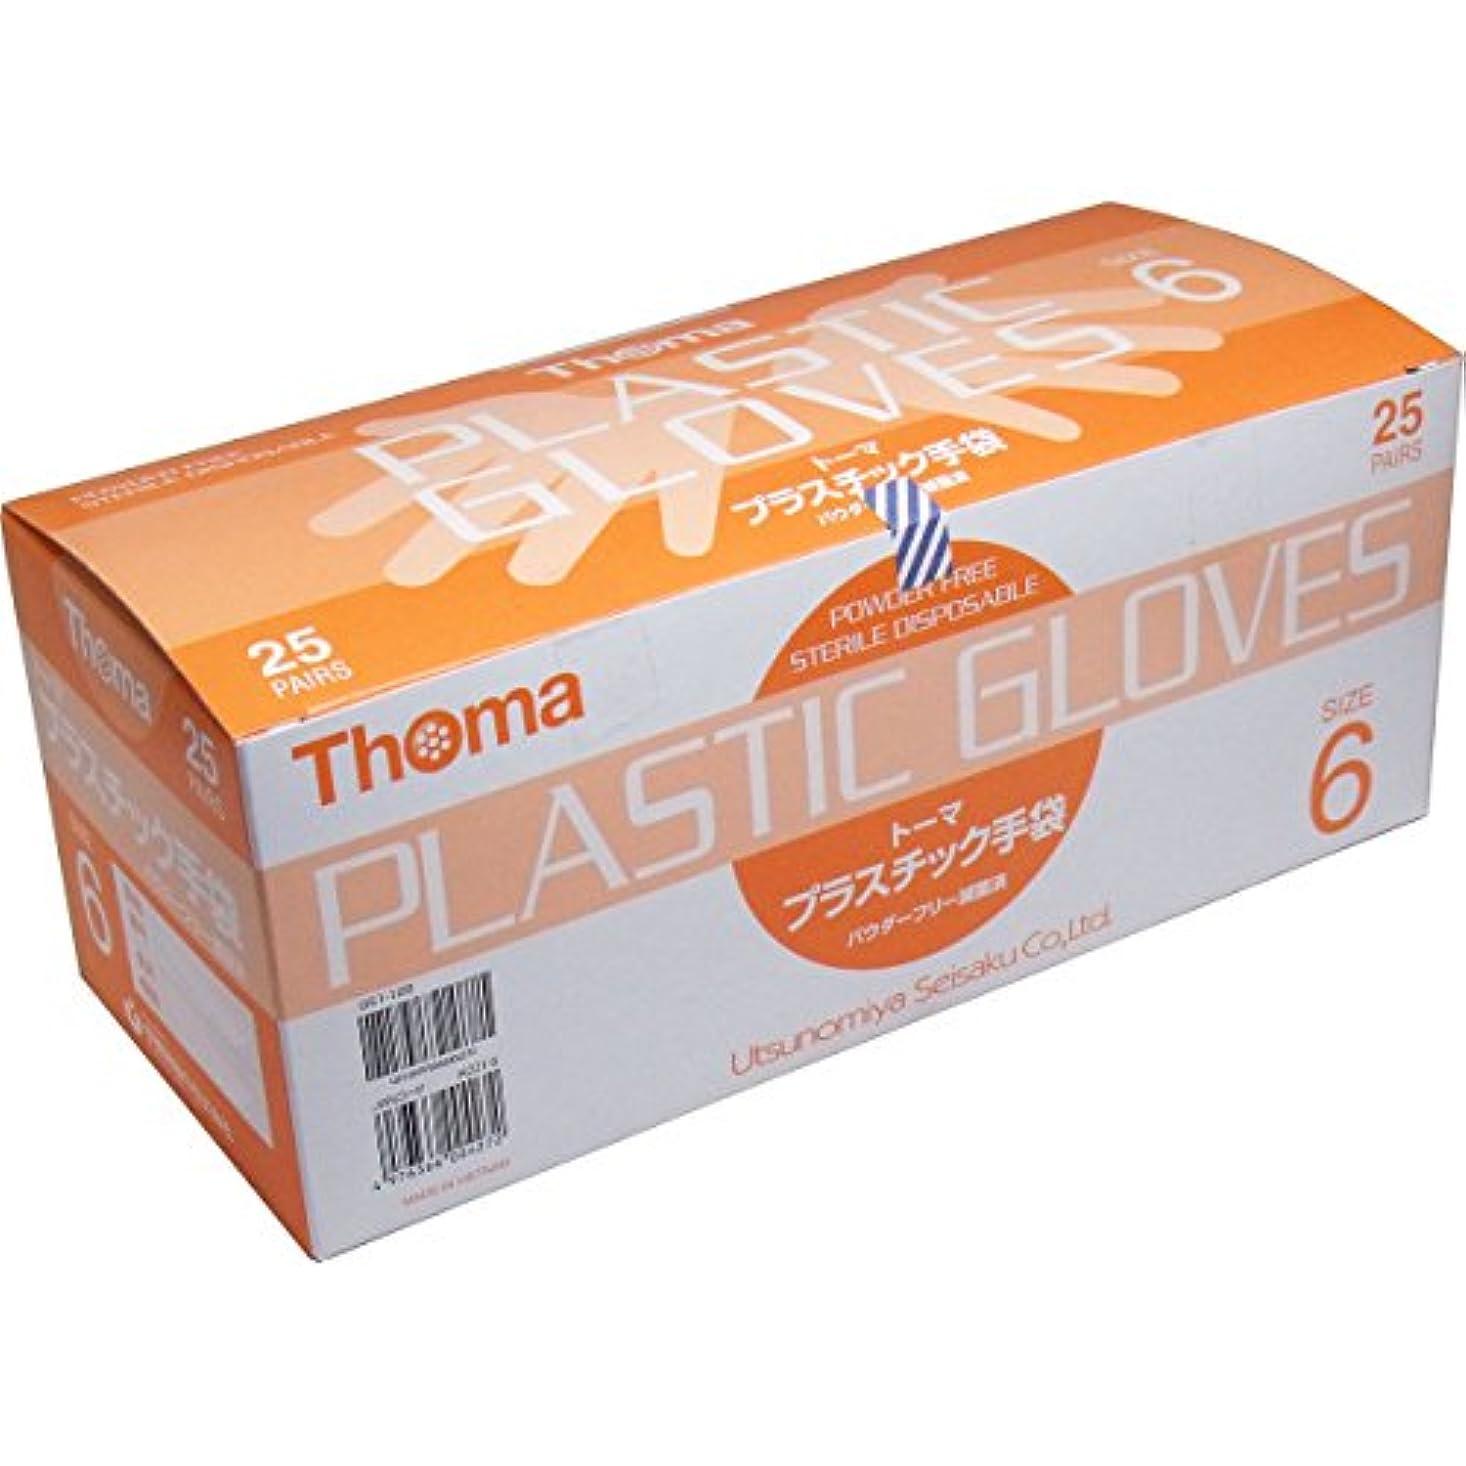 夕食を作る扇動するニュース超薄手プラスチック手袋 超薄手仕上げ 使いやすい トーマ プラスチック手袋 パウダーフリー滅菌済 25双入 サイズ6【3個セット】